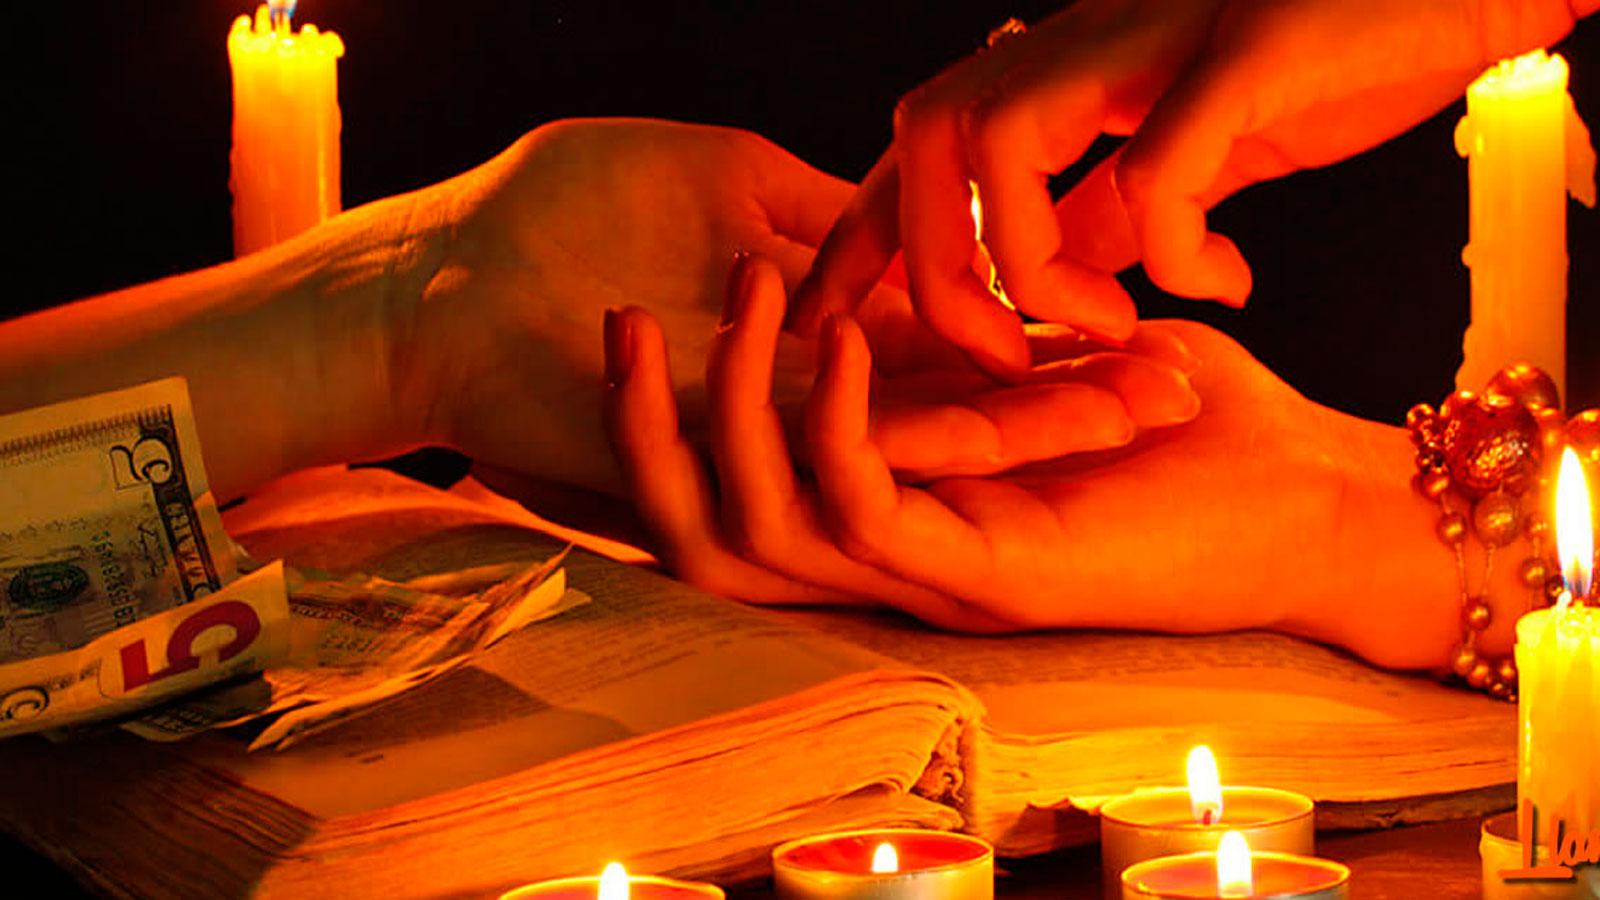 Как убрать сделанный приворот. Ритуалы для домашнего проведения 23